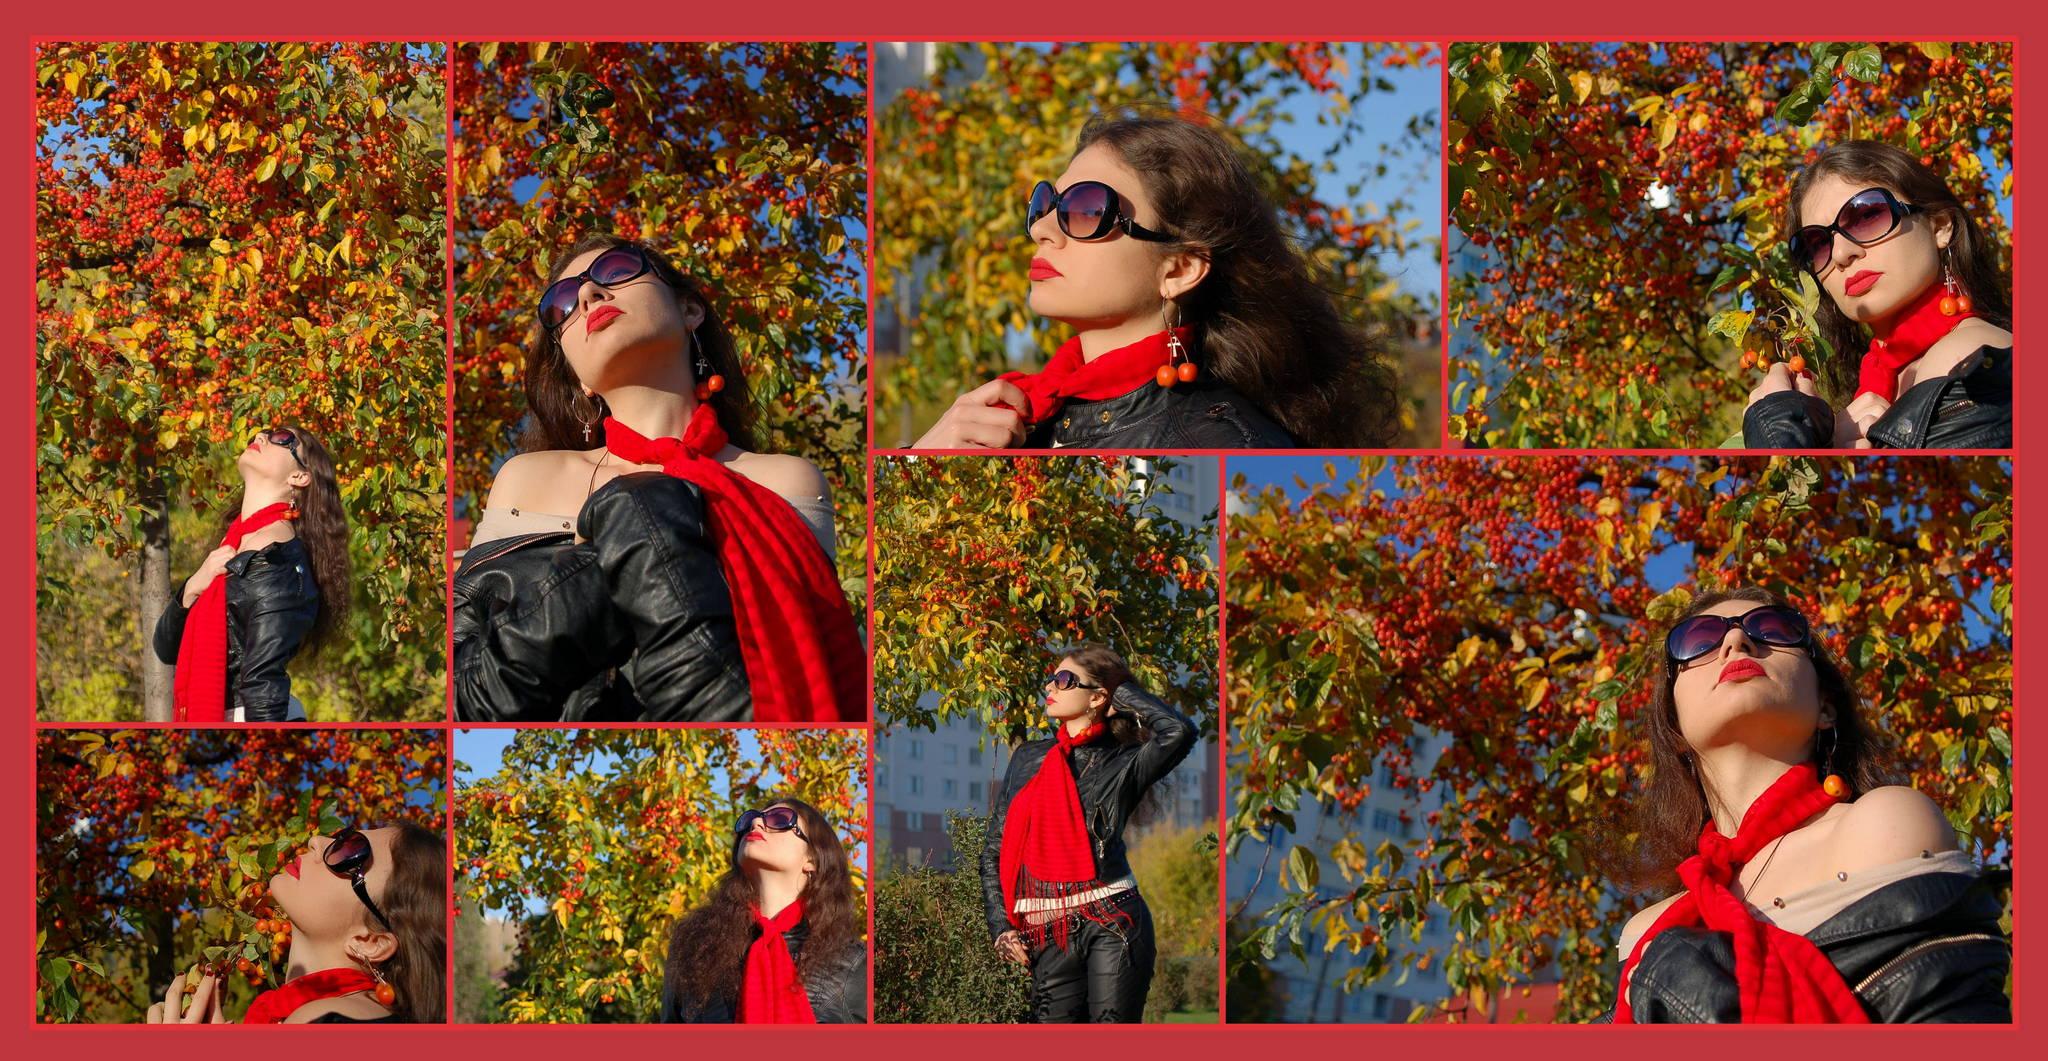 Примеры фотографий на Nikon D50